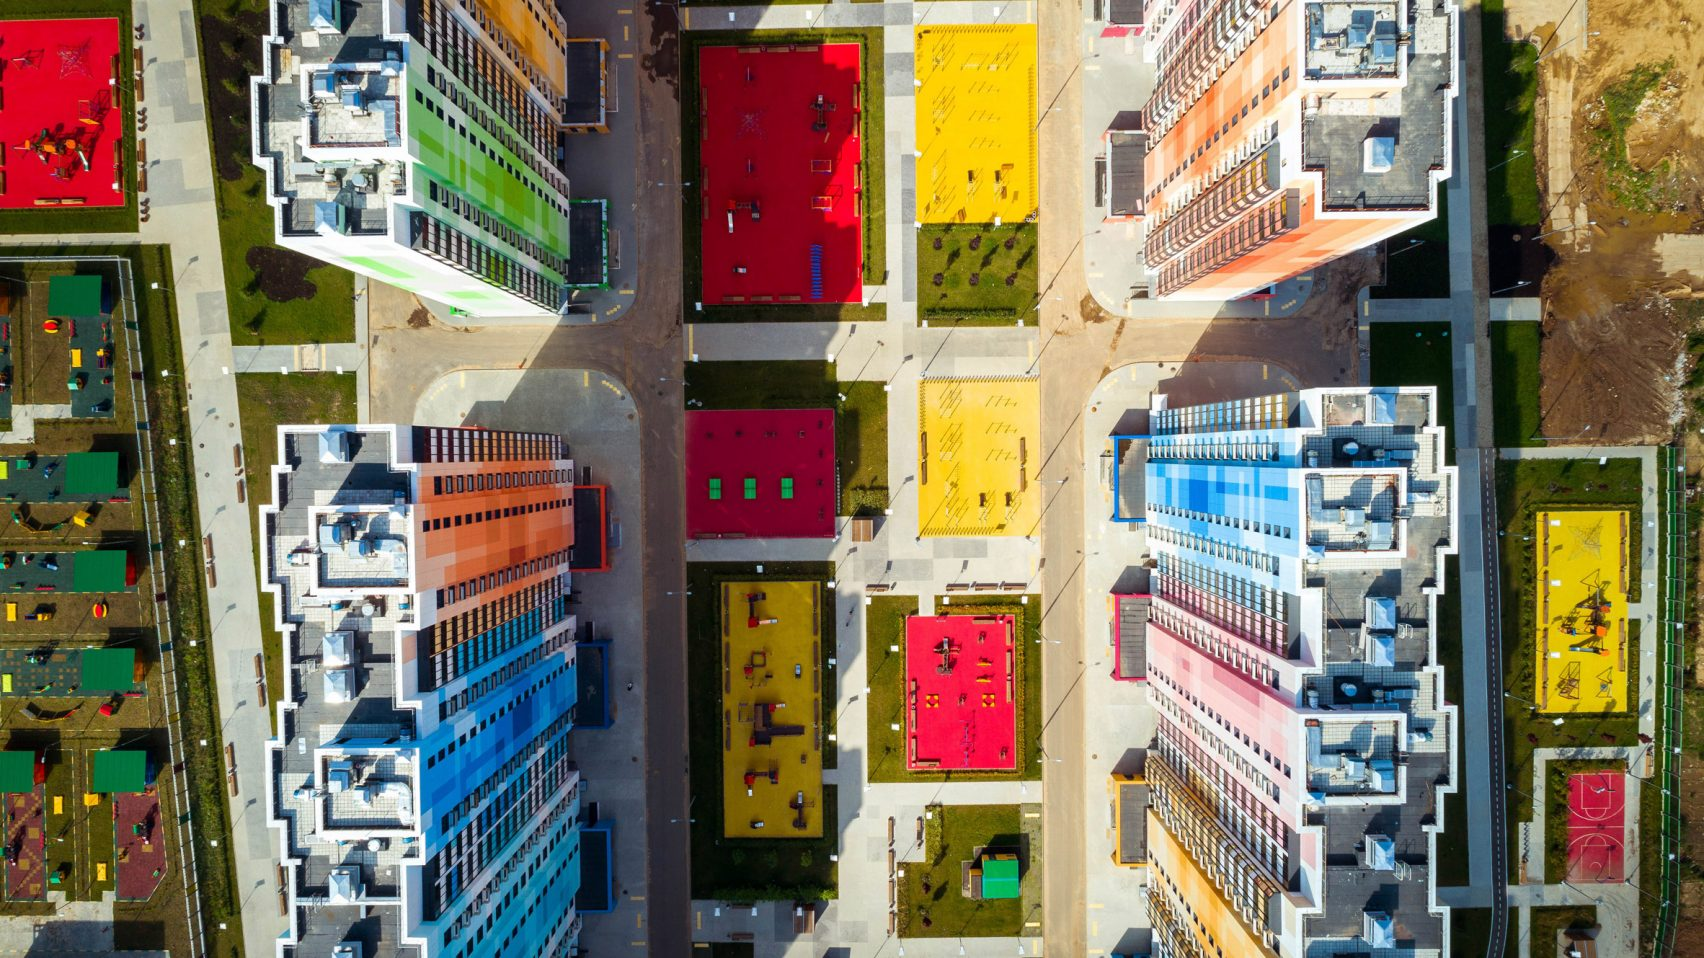 Formado por 47 edifícios